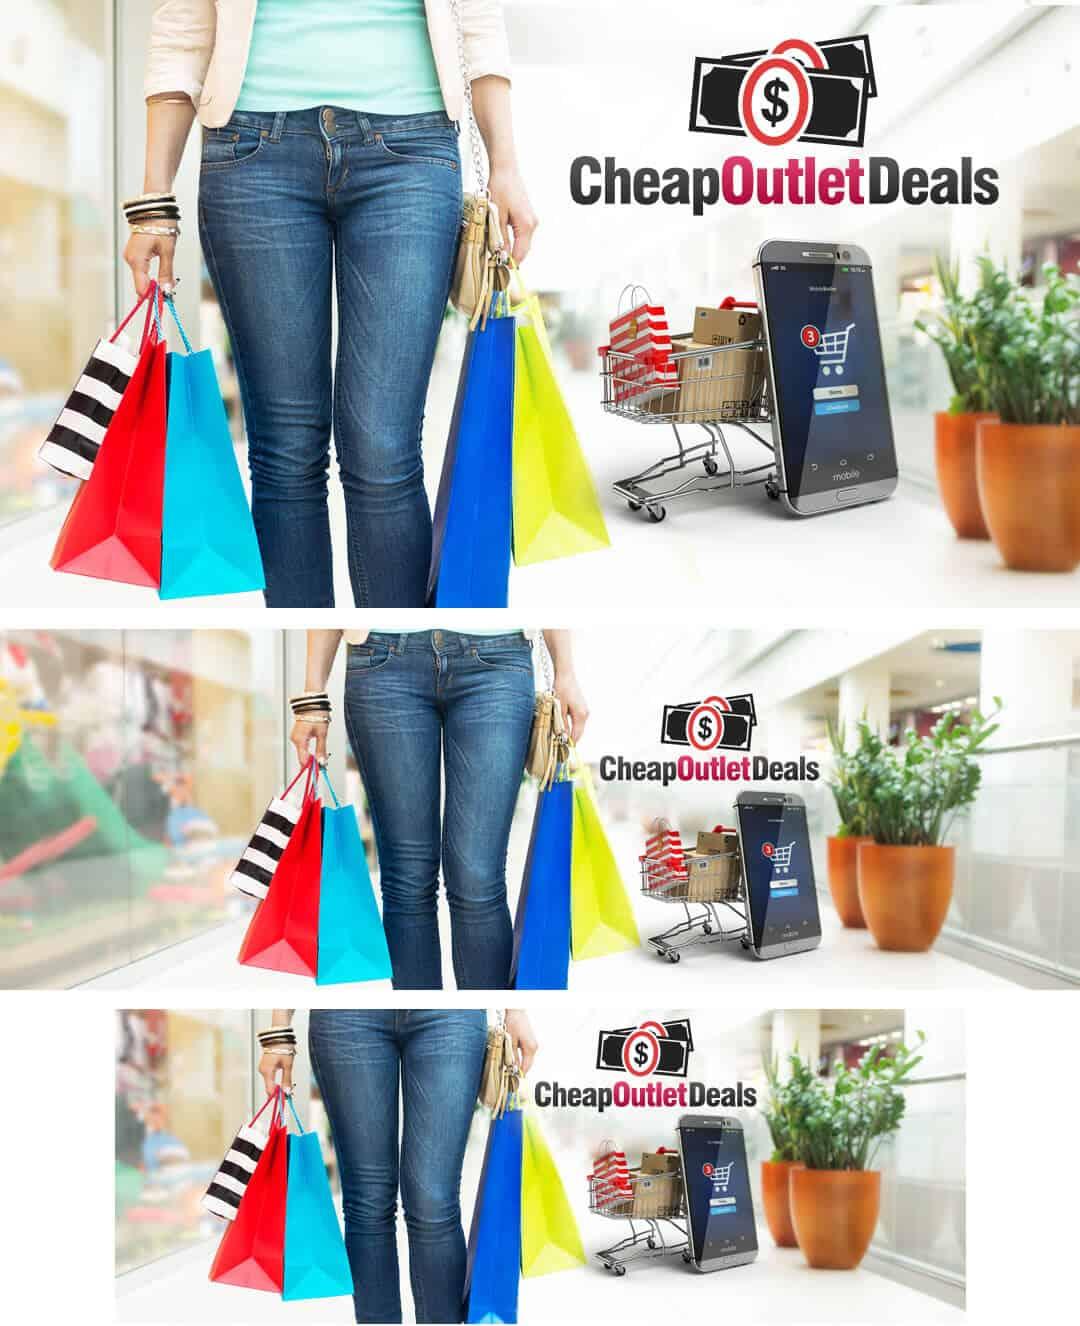 עיצוב חבילת מדיה חברתית לאתר קניות באינטרנט